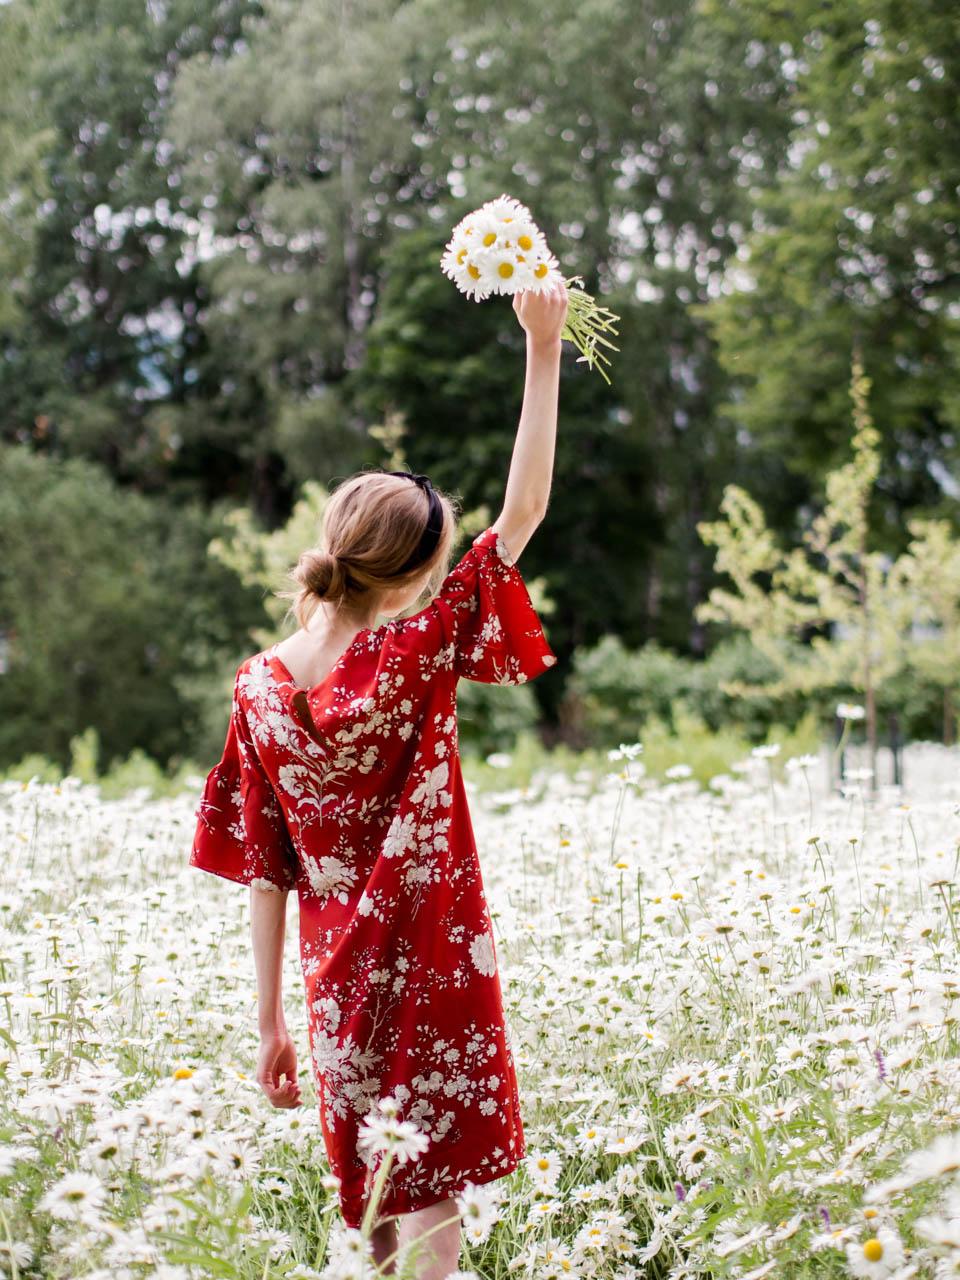 summer-fashion-red-floral-dress-daisy-meadow-kesämuoti-kesämekko-kukkamekko-päivänkakkaraniitty